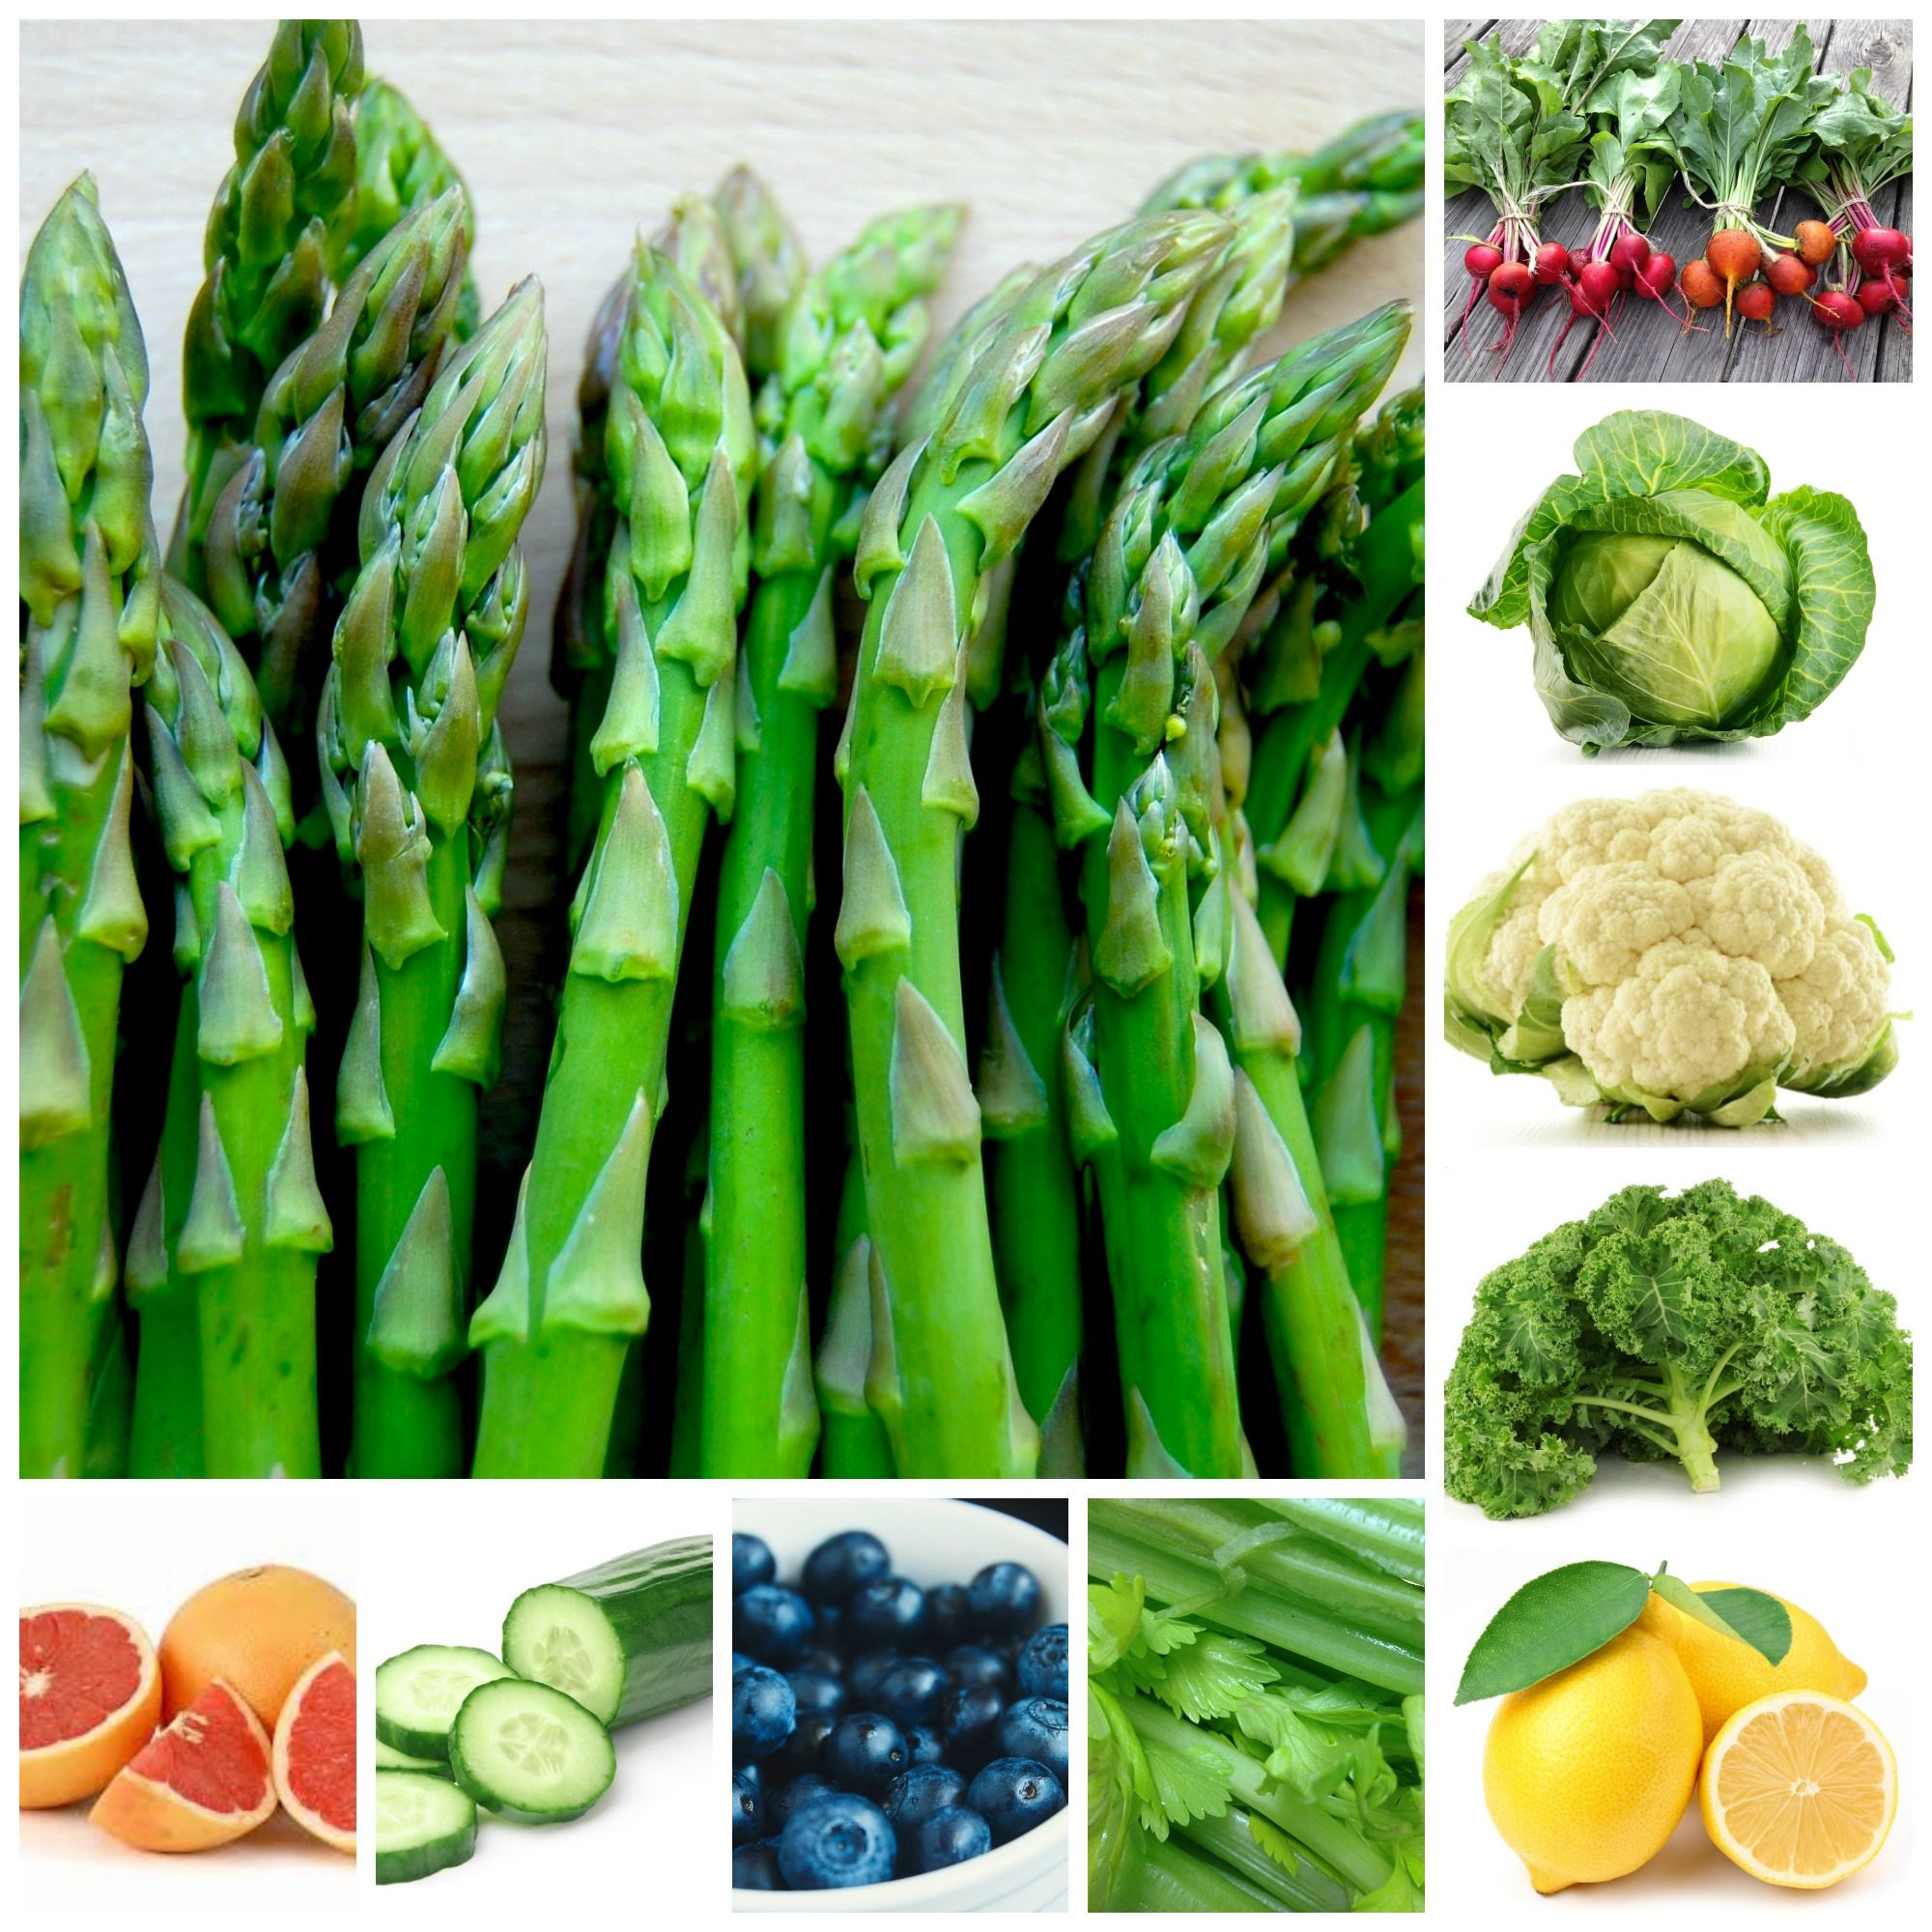 Овощи Список Для Диеты. Полезные и низкокалорийные тушеные овощи для похудения